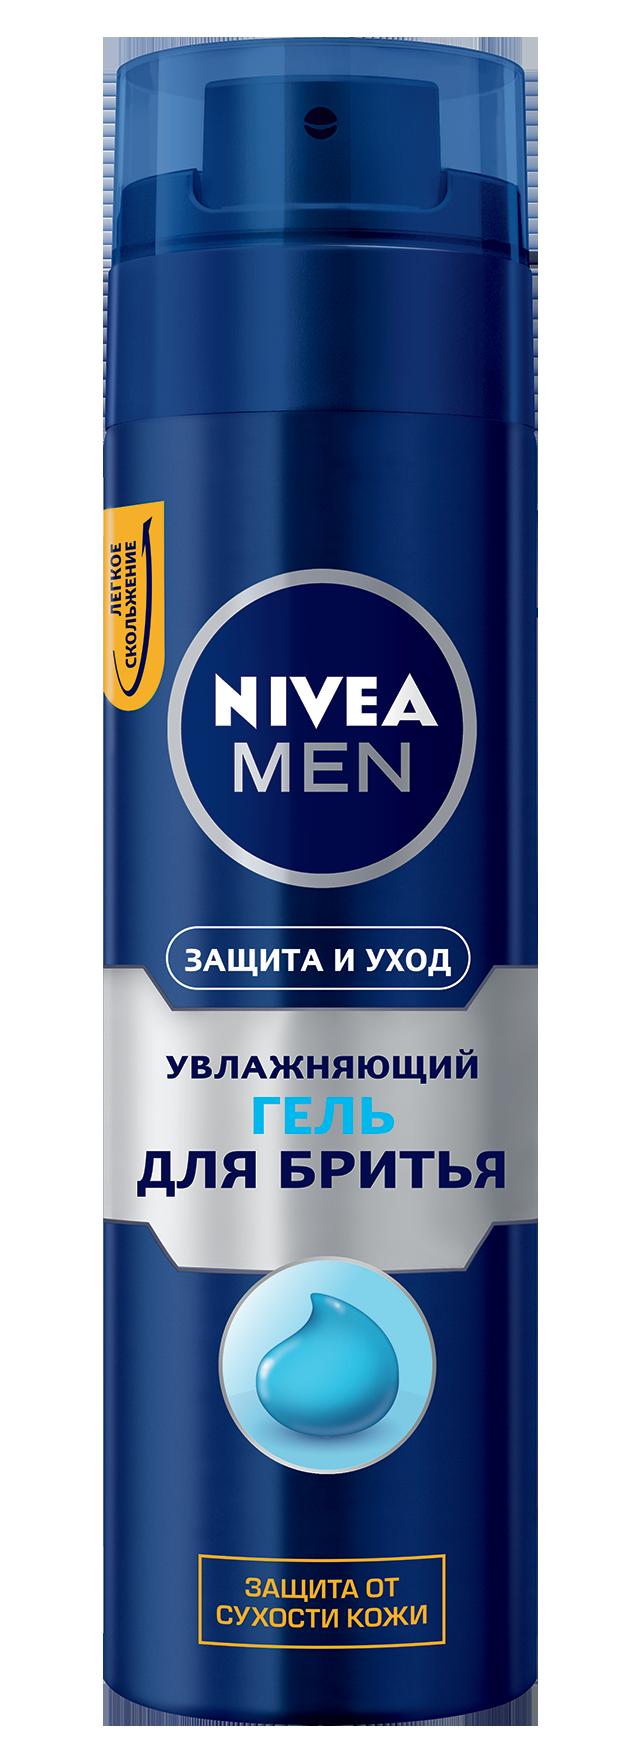 Гель для бритья NIVEA Классический 200 мл